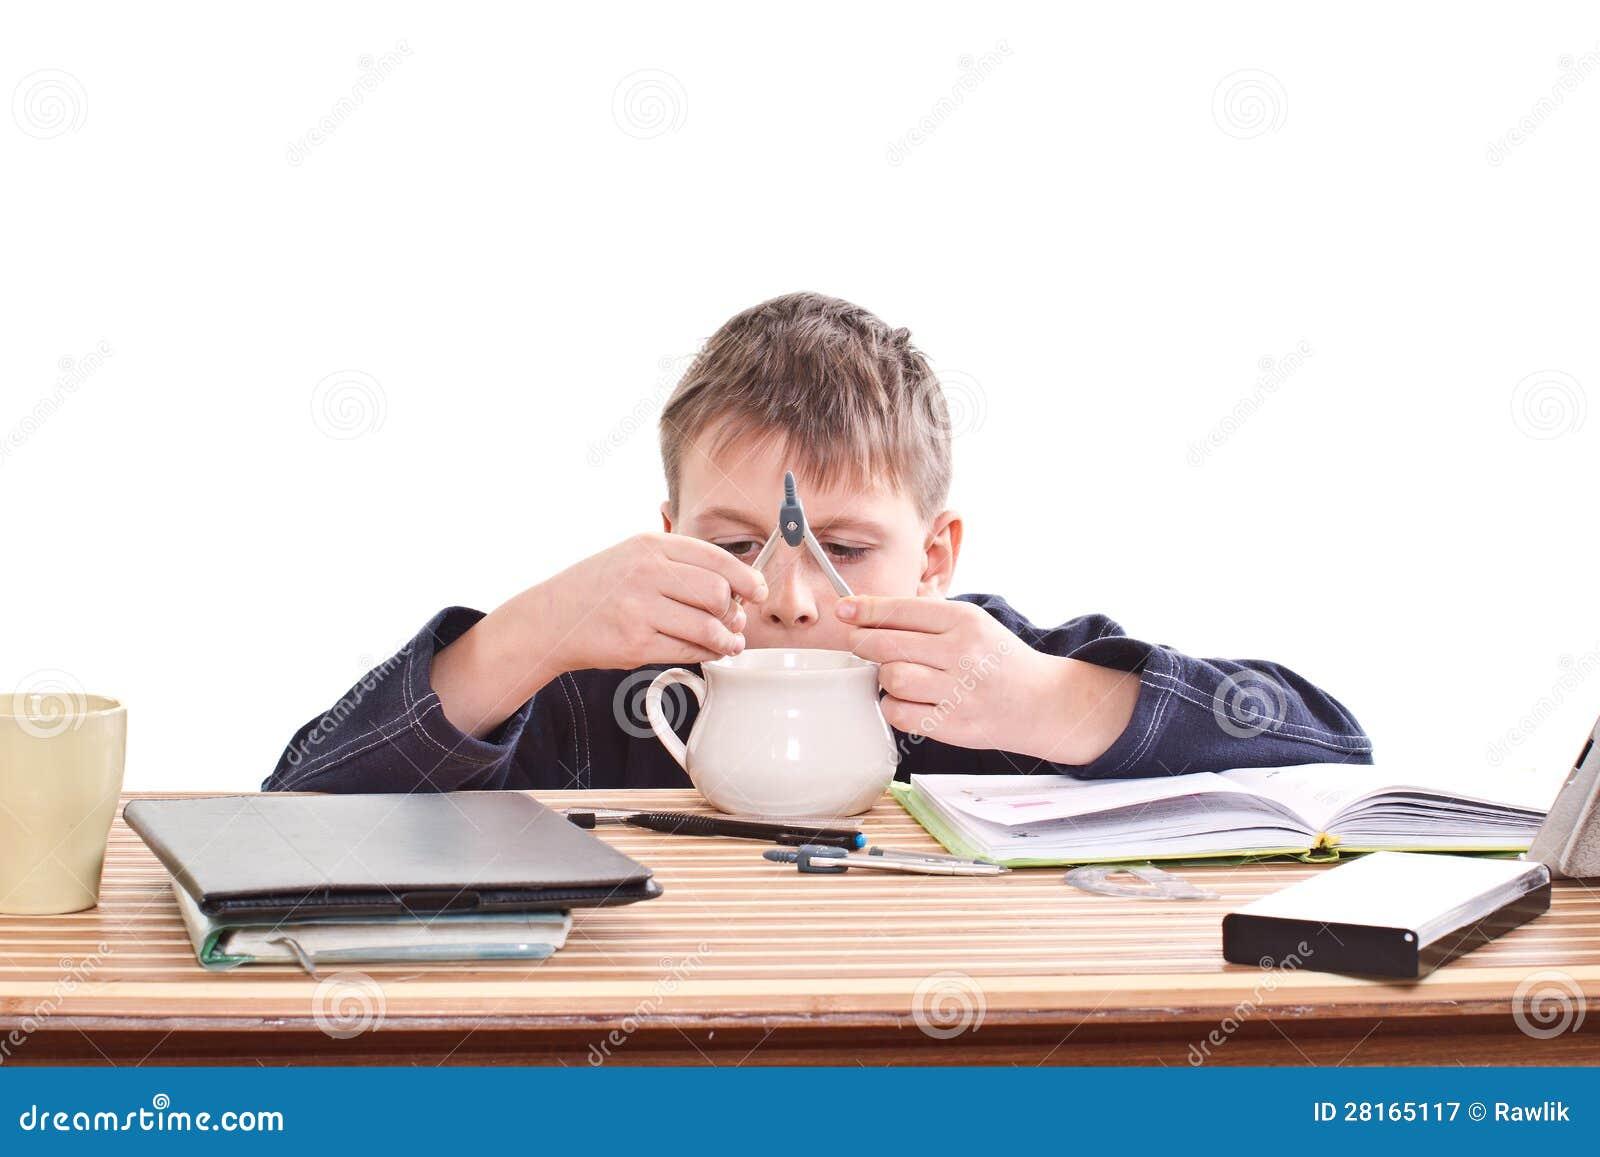 estudante-para-fazer-trabalhos-de-casa-2